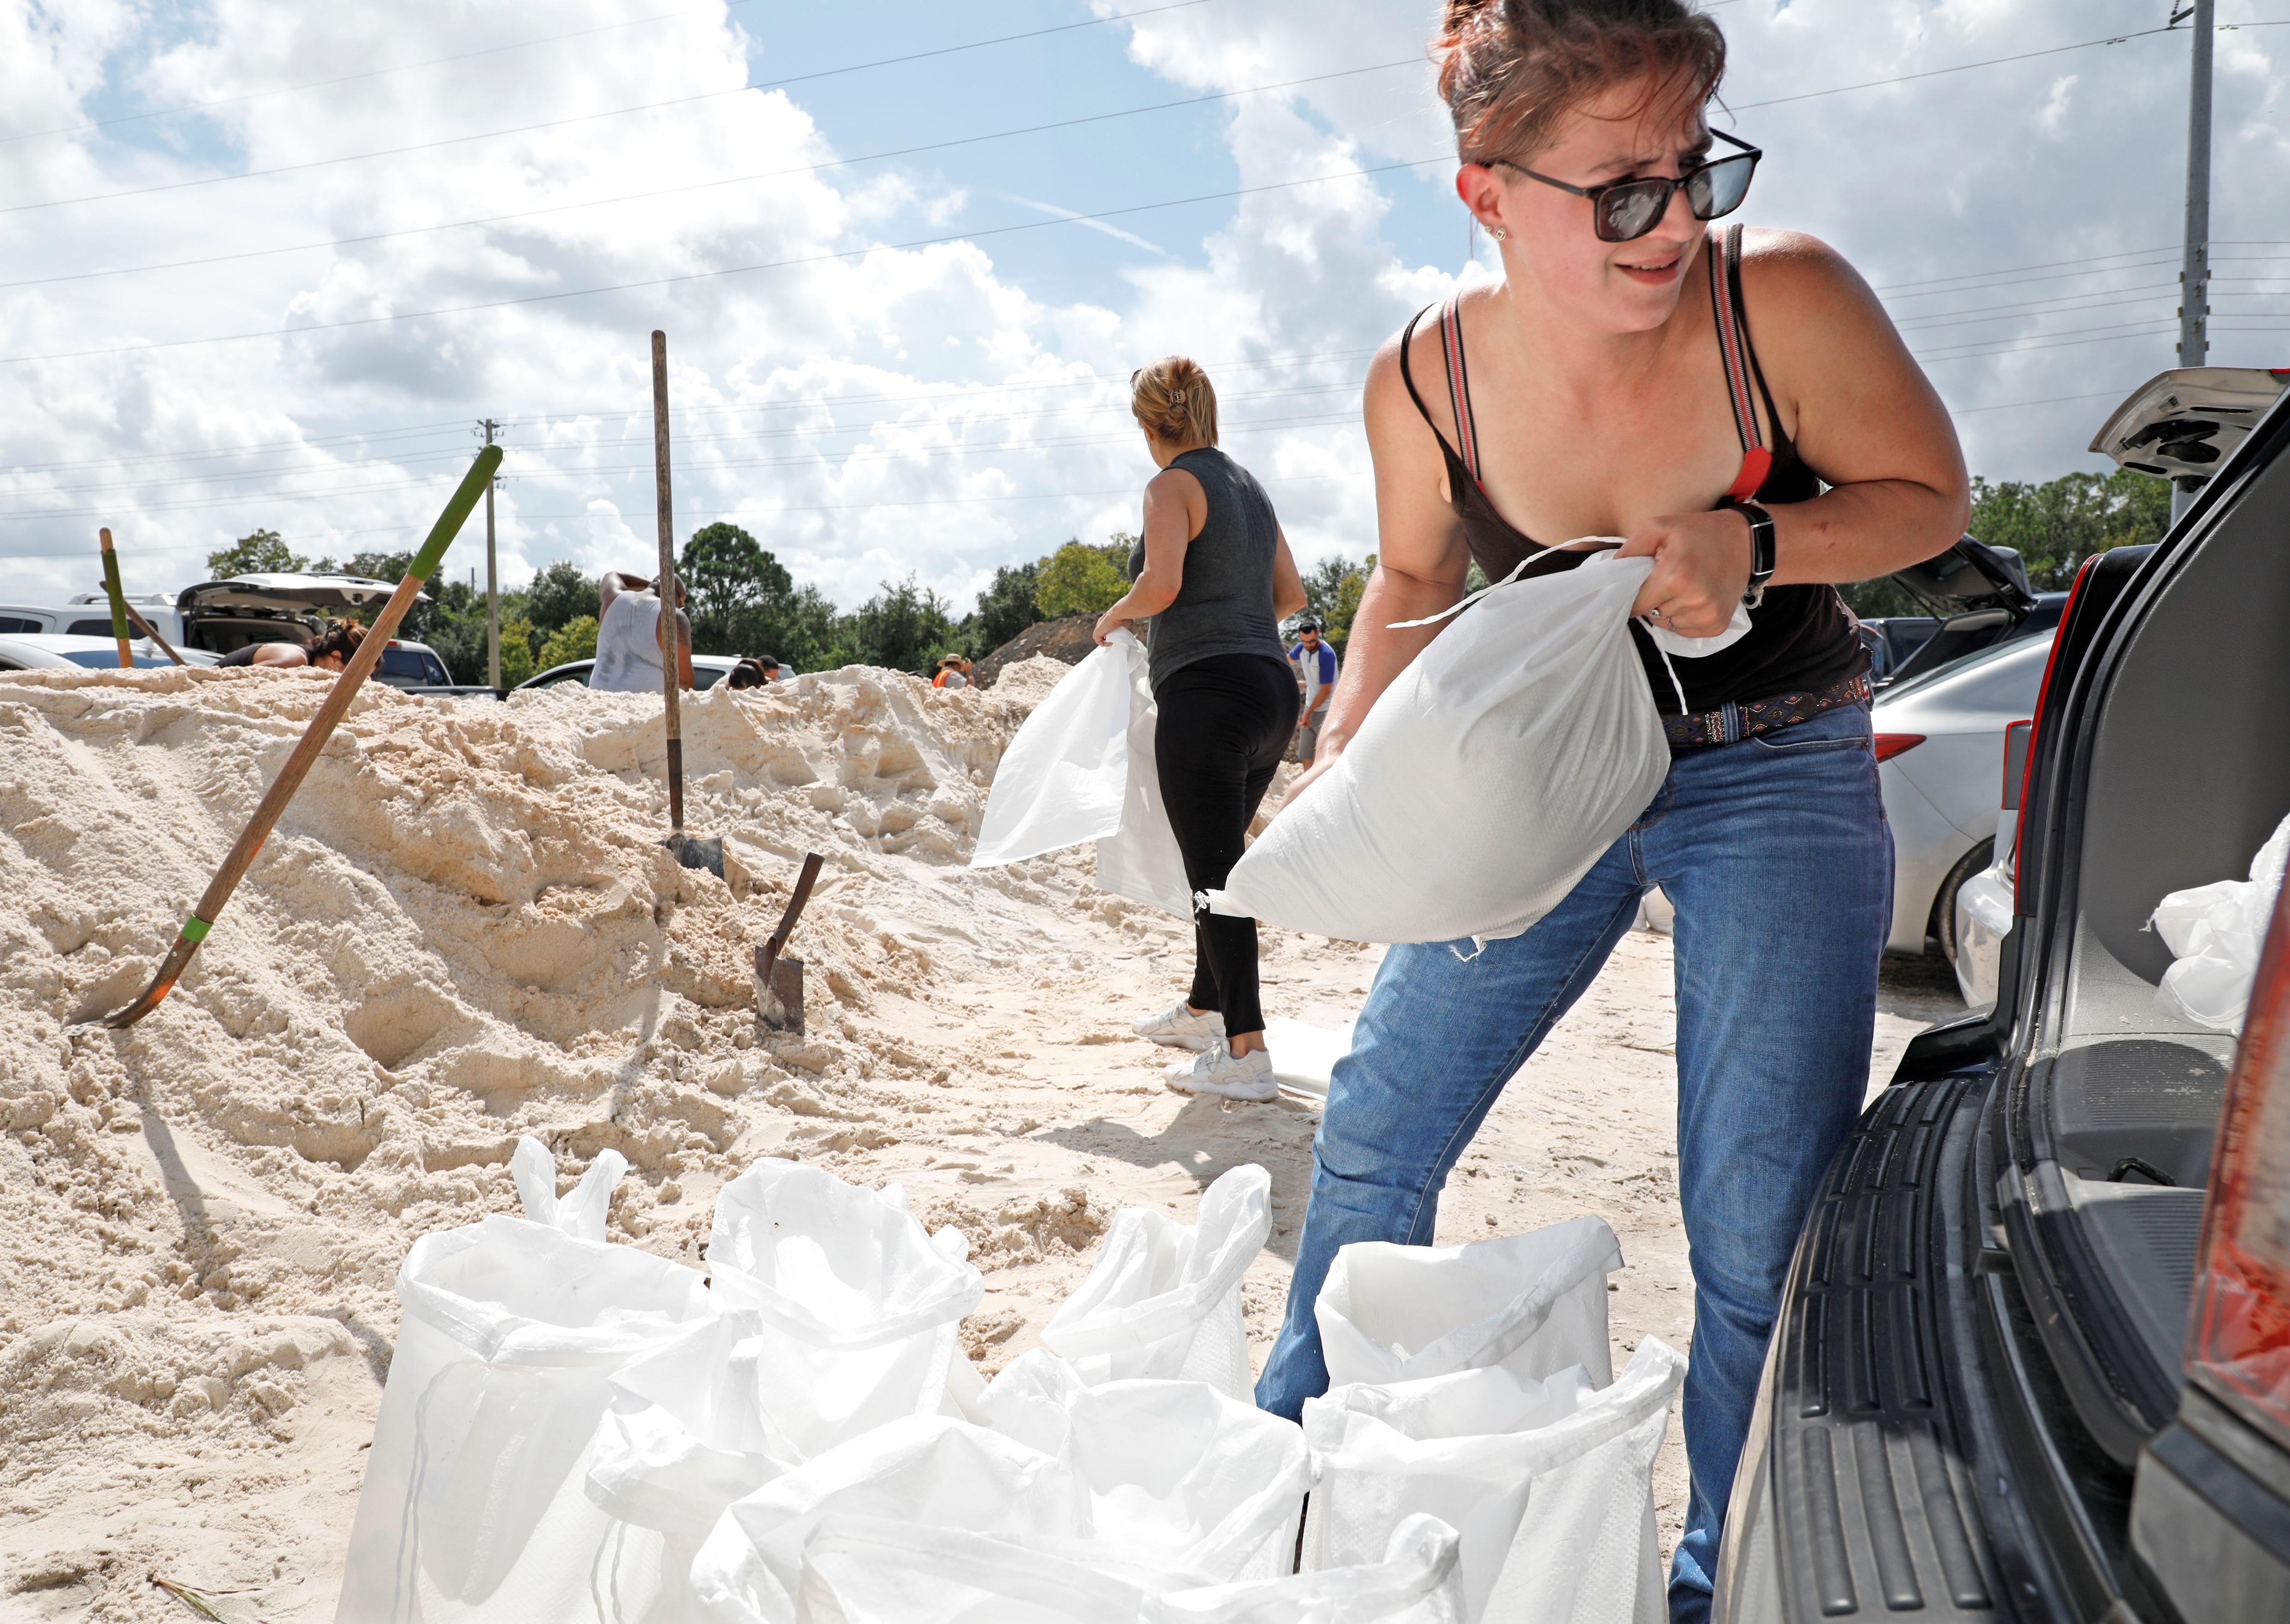 En Florida también hubo preparativos REUTERS/Gregg Newton